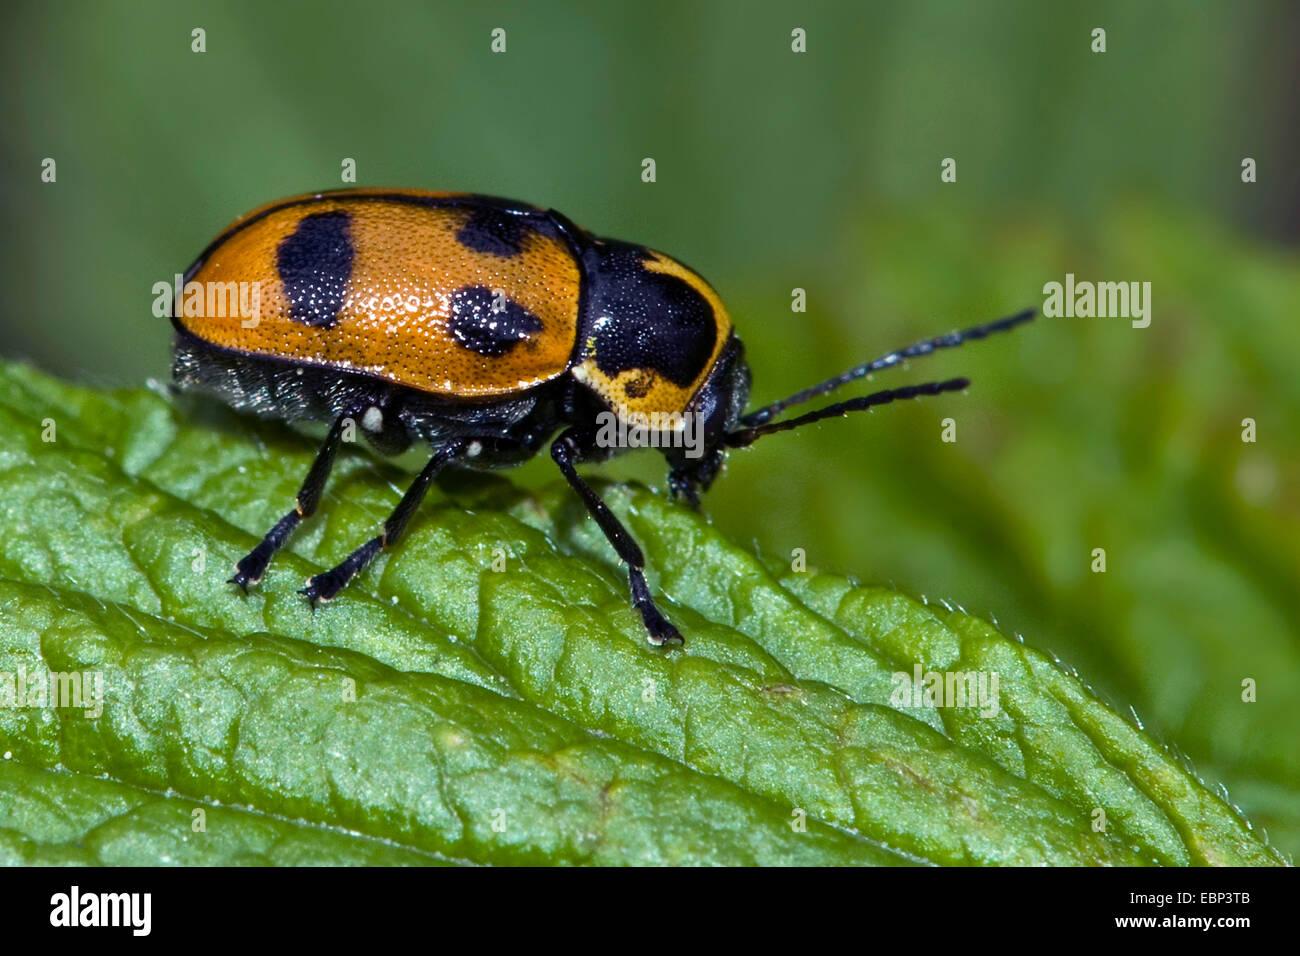 Six-spotted pot beetle (Cryptocephalus sexpunctatus), on a leaf, Germany - Stock Image